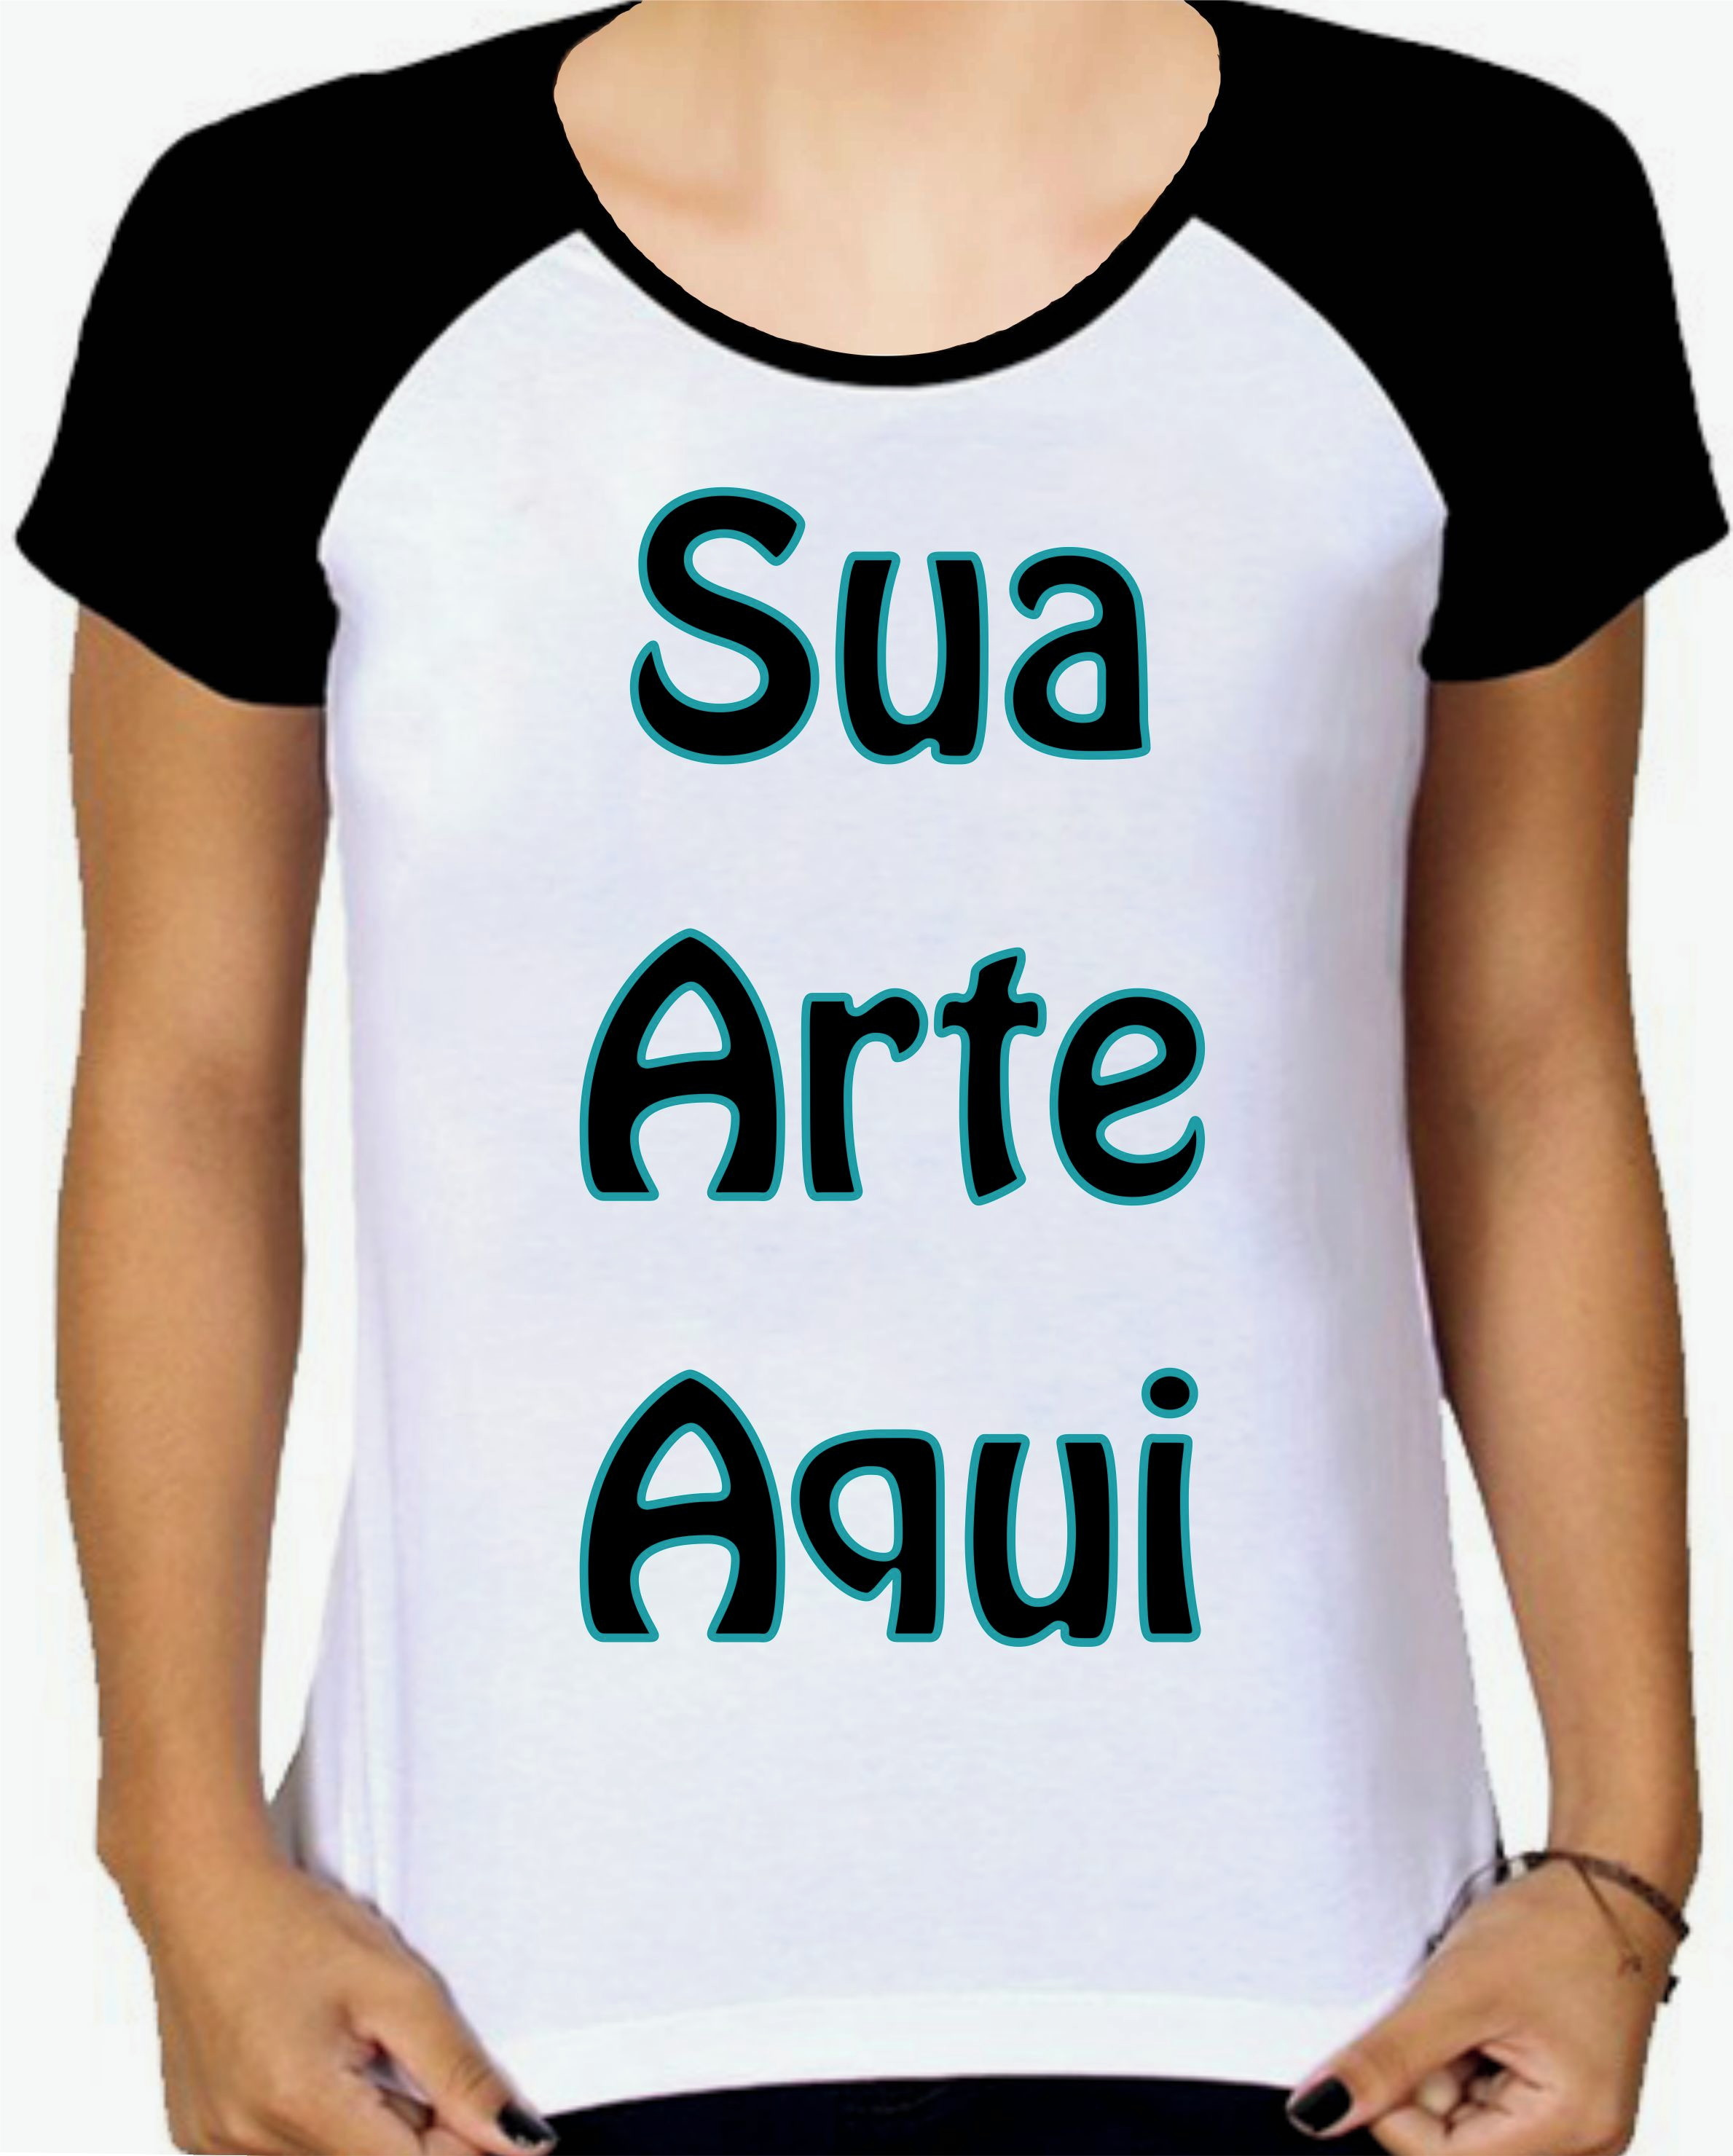 Camiseta Camisa Modelo Raglan Personalizada com Sua Arte  ae892da3a8fba